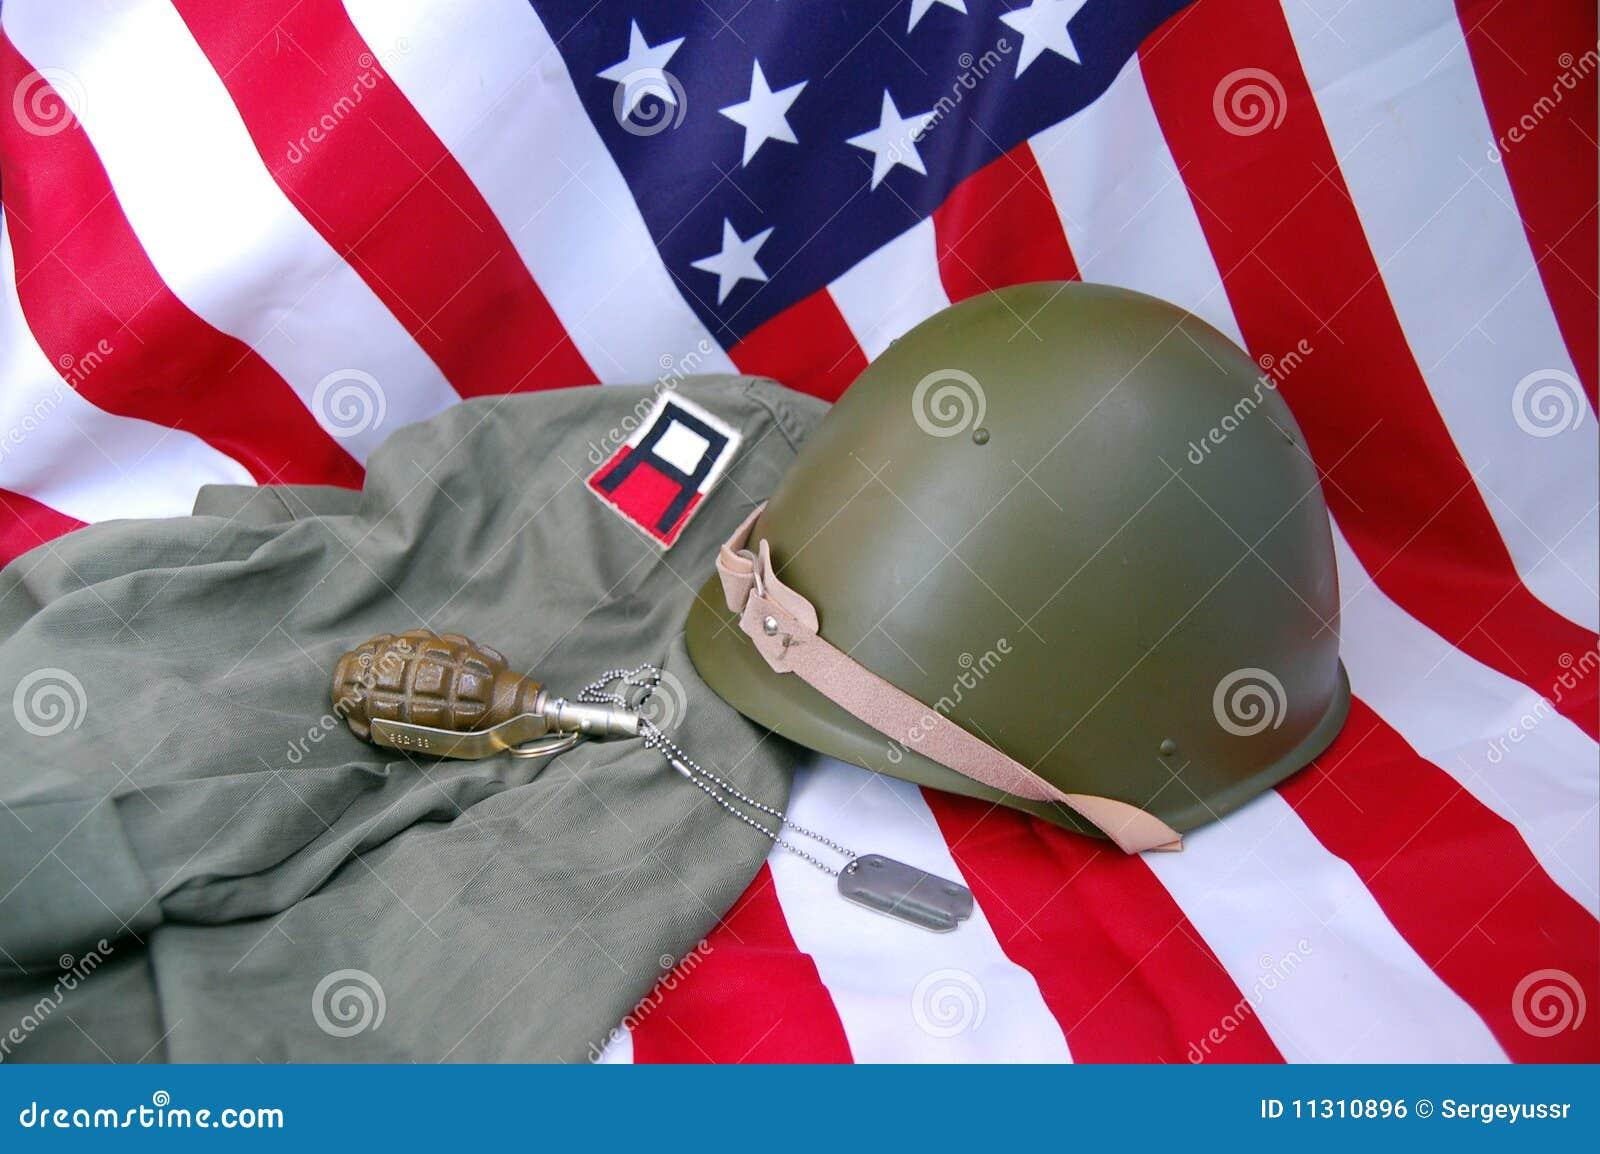 US-Markierungsfahne und historische Uniform